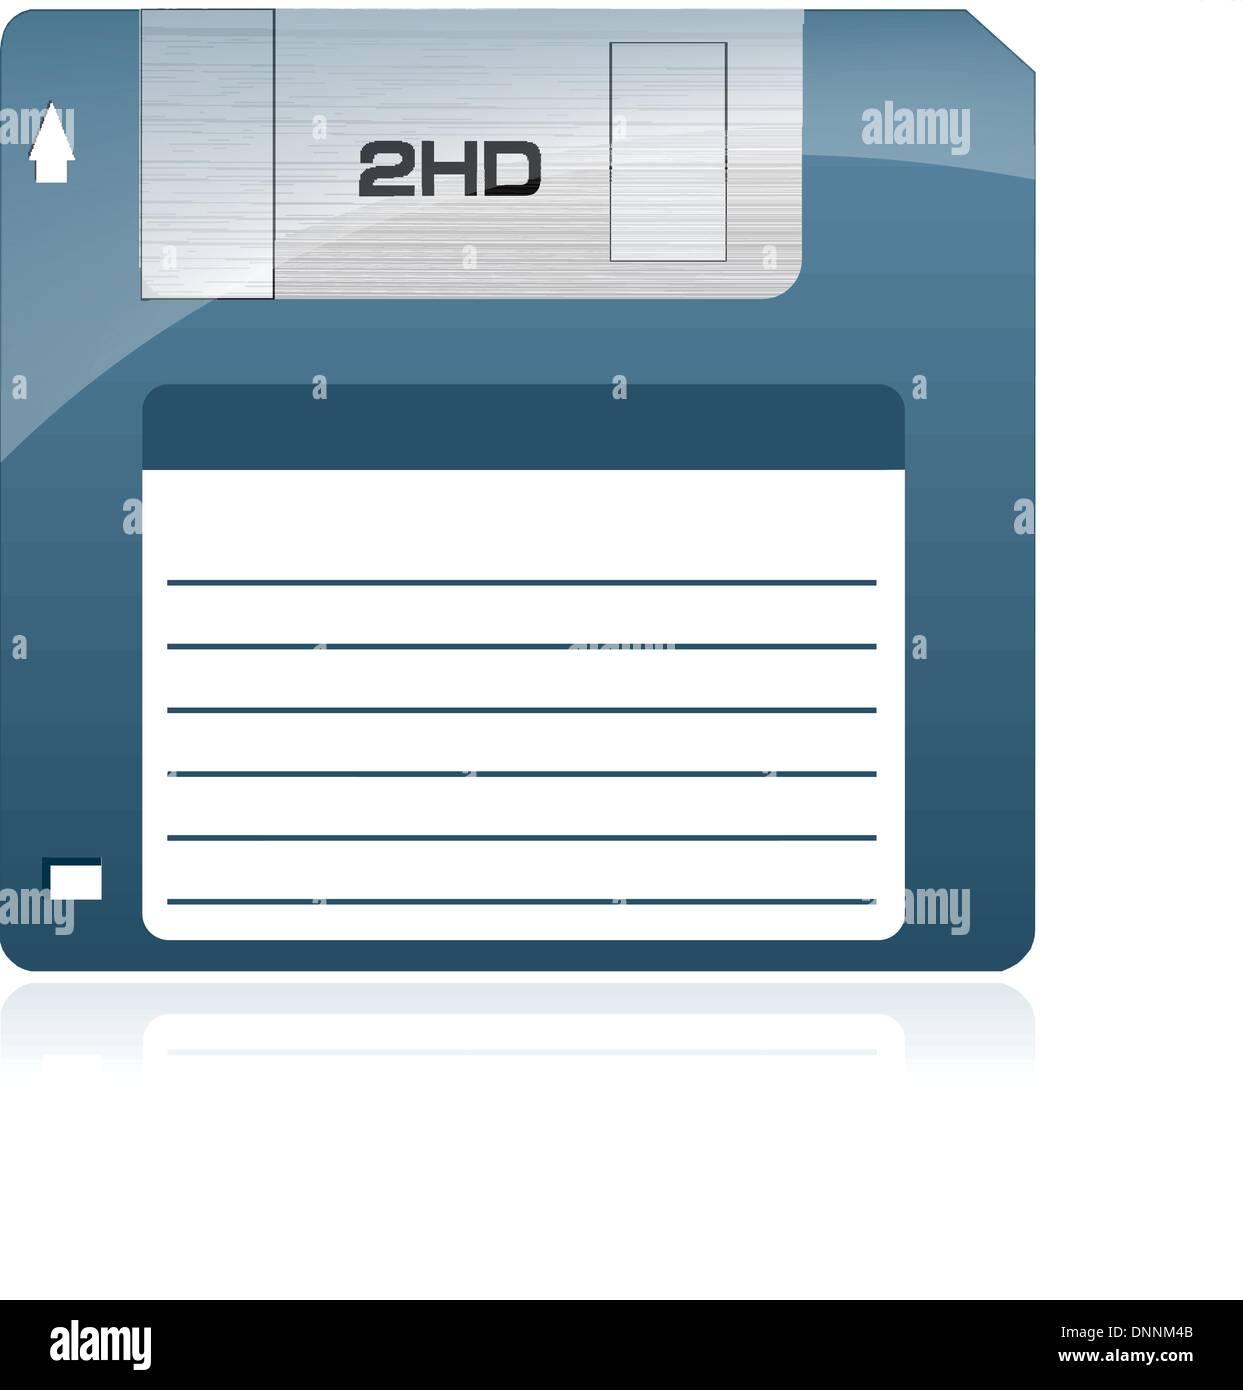 Floppy Imagen De Stock